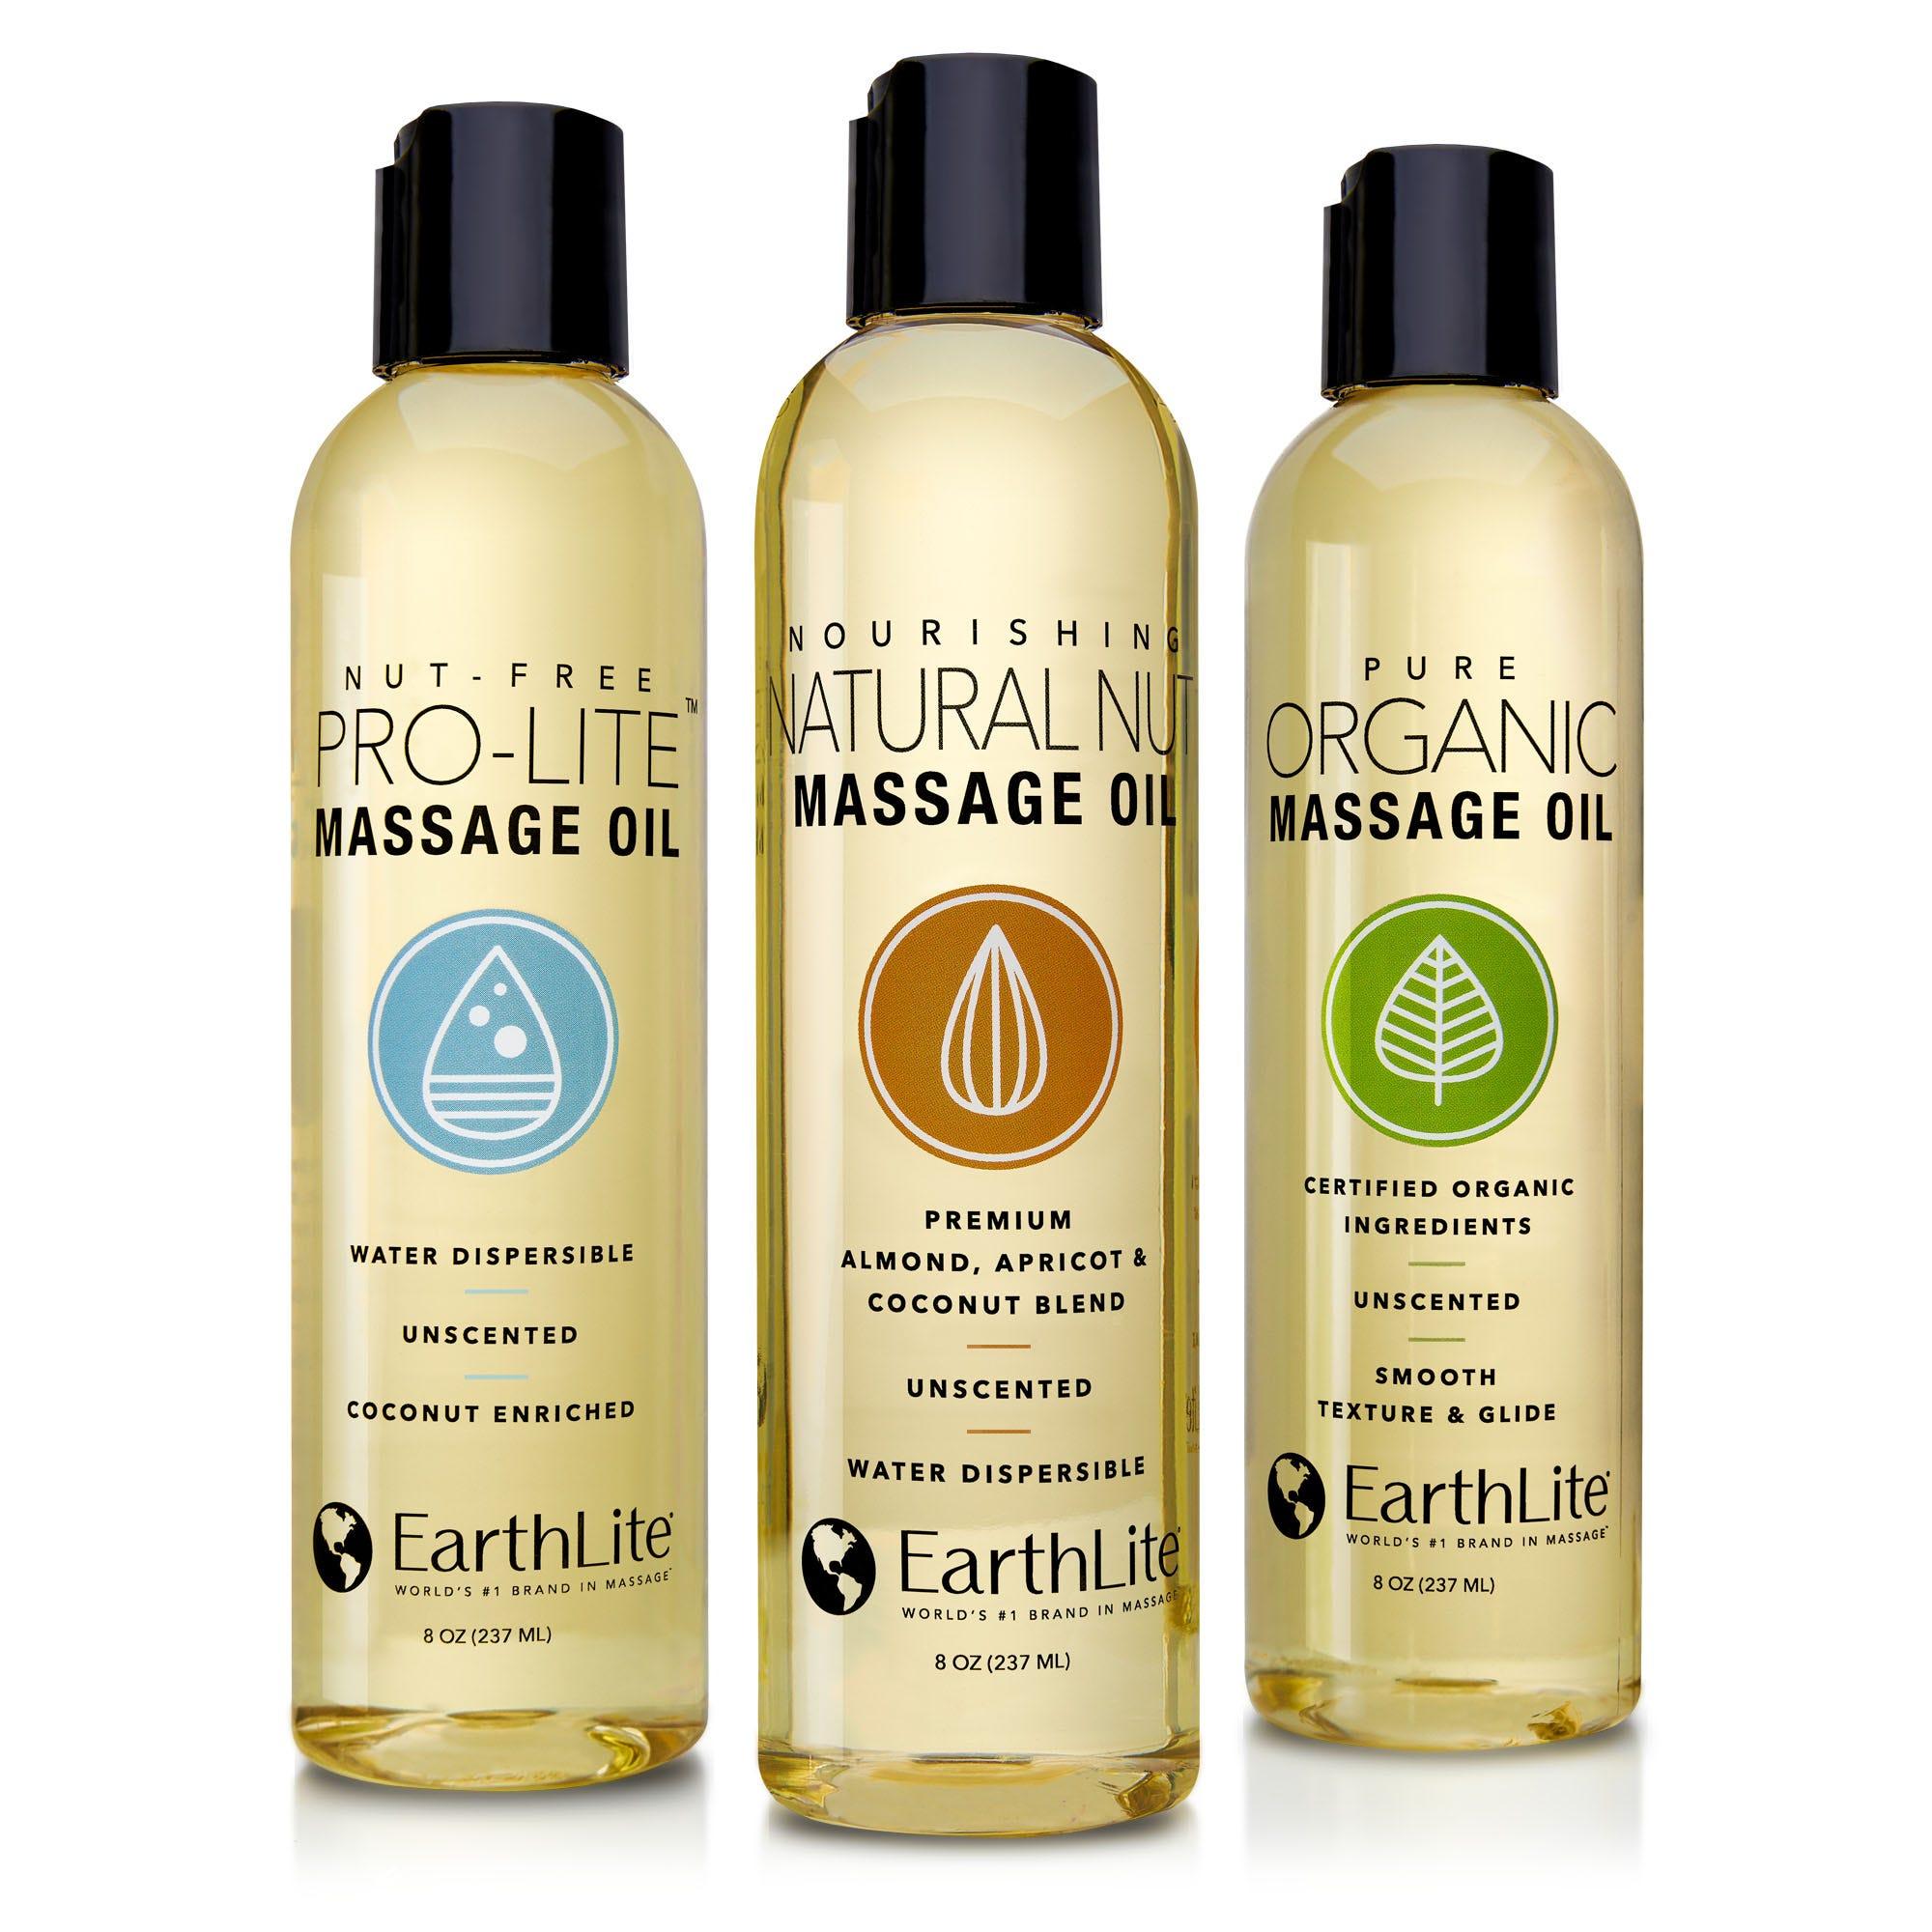 Earthlite Massage Oils